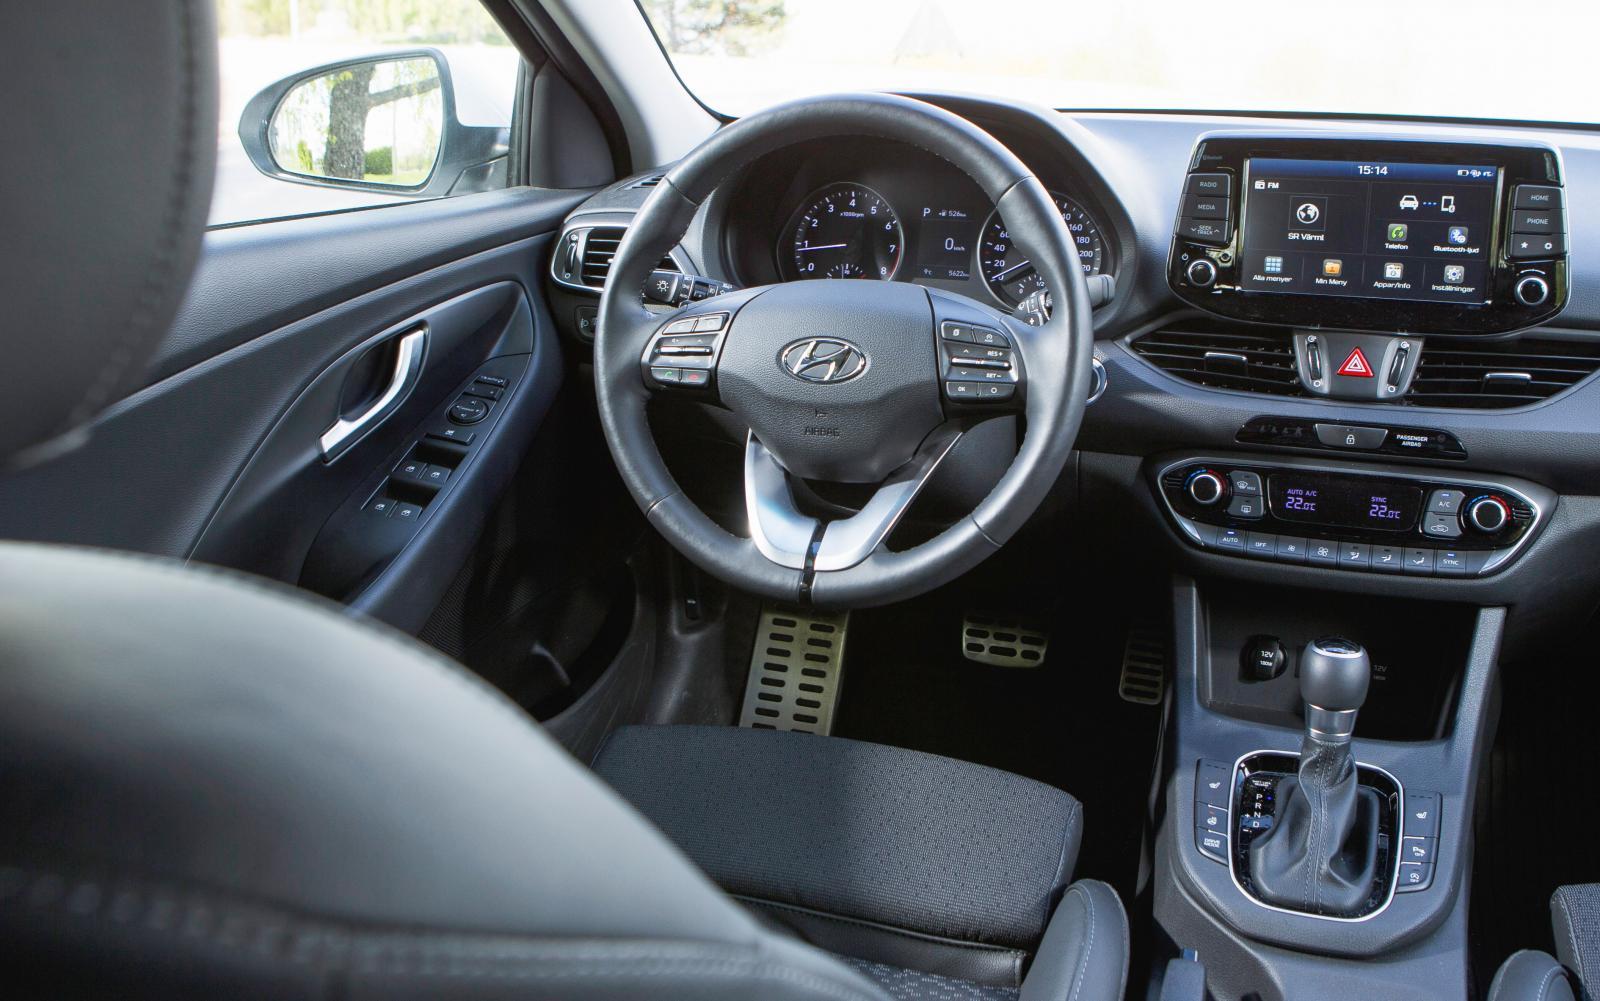 Hyundai: En förarmiljö som måhända ser mörk ut men som är tydlig, mycket enkel att hantera och befriad från trams. Trivsam, lite rustik finish överlag.